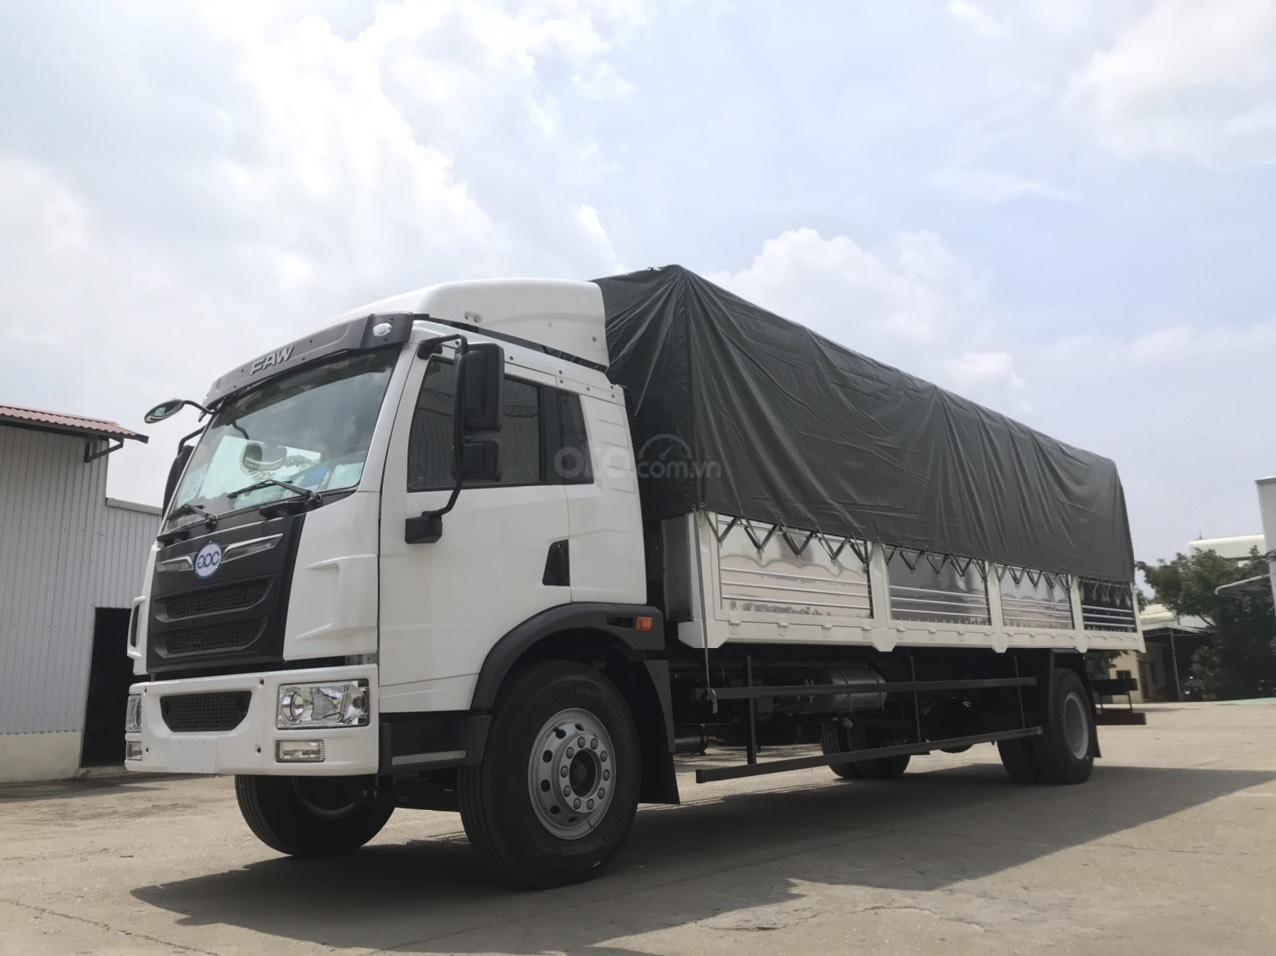 Bán xe tải Giải Phóng 8 tấn thùng dài 8 mét - Xe tải Faw 8 tấn trả trươc 170Tr nhận xe - KM 100% thuế TB - tặng dầu (1)